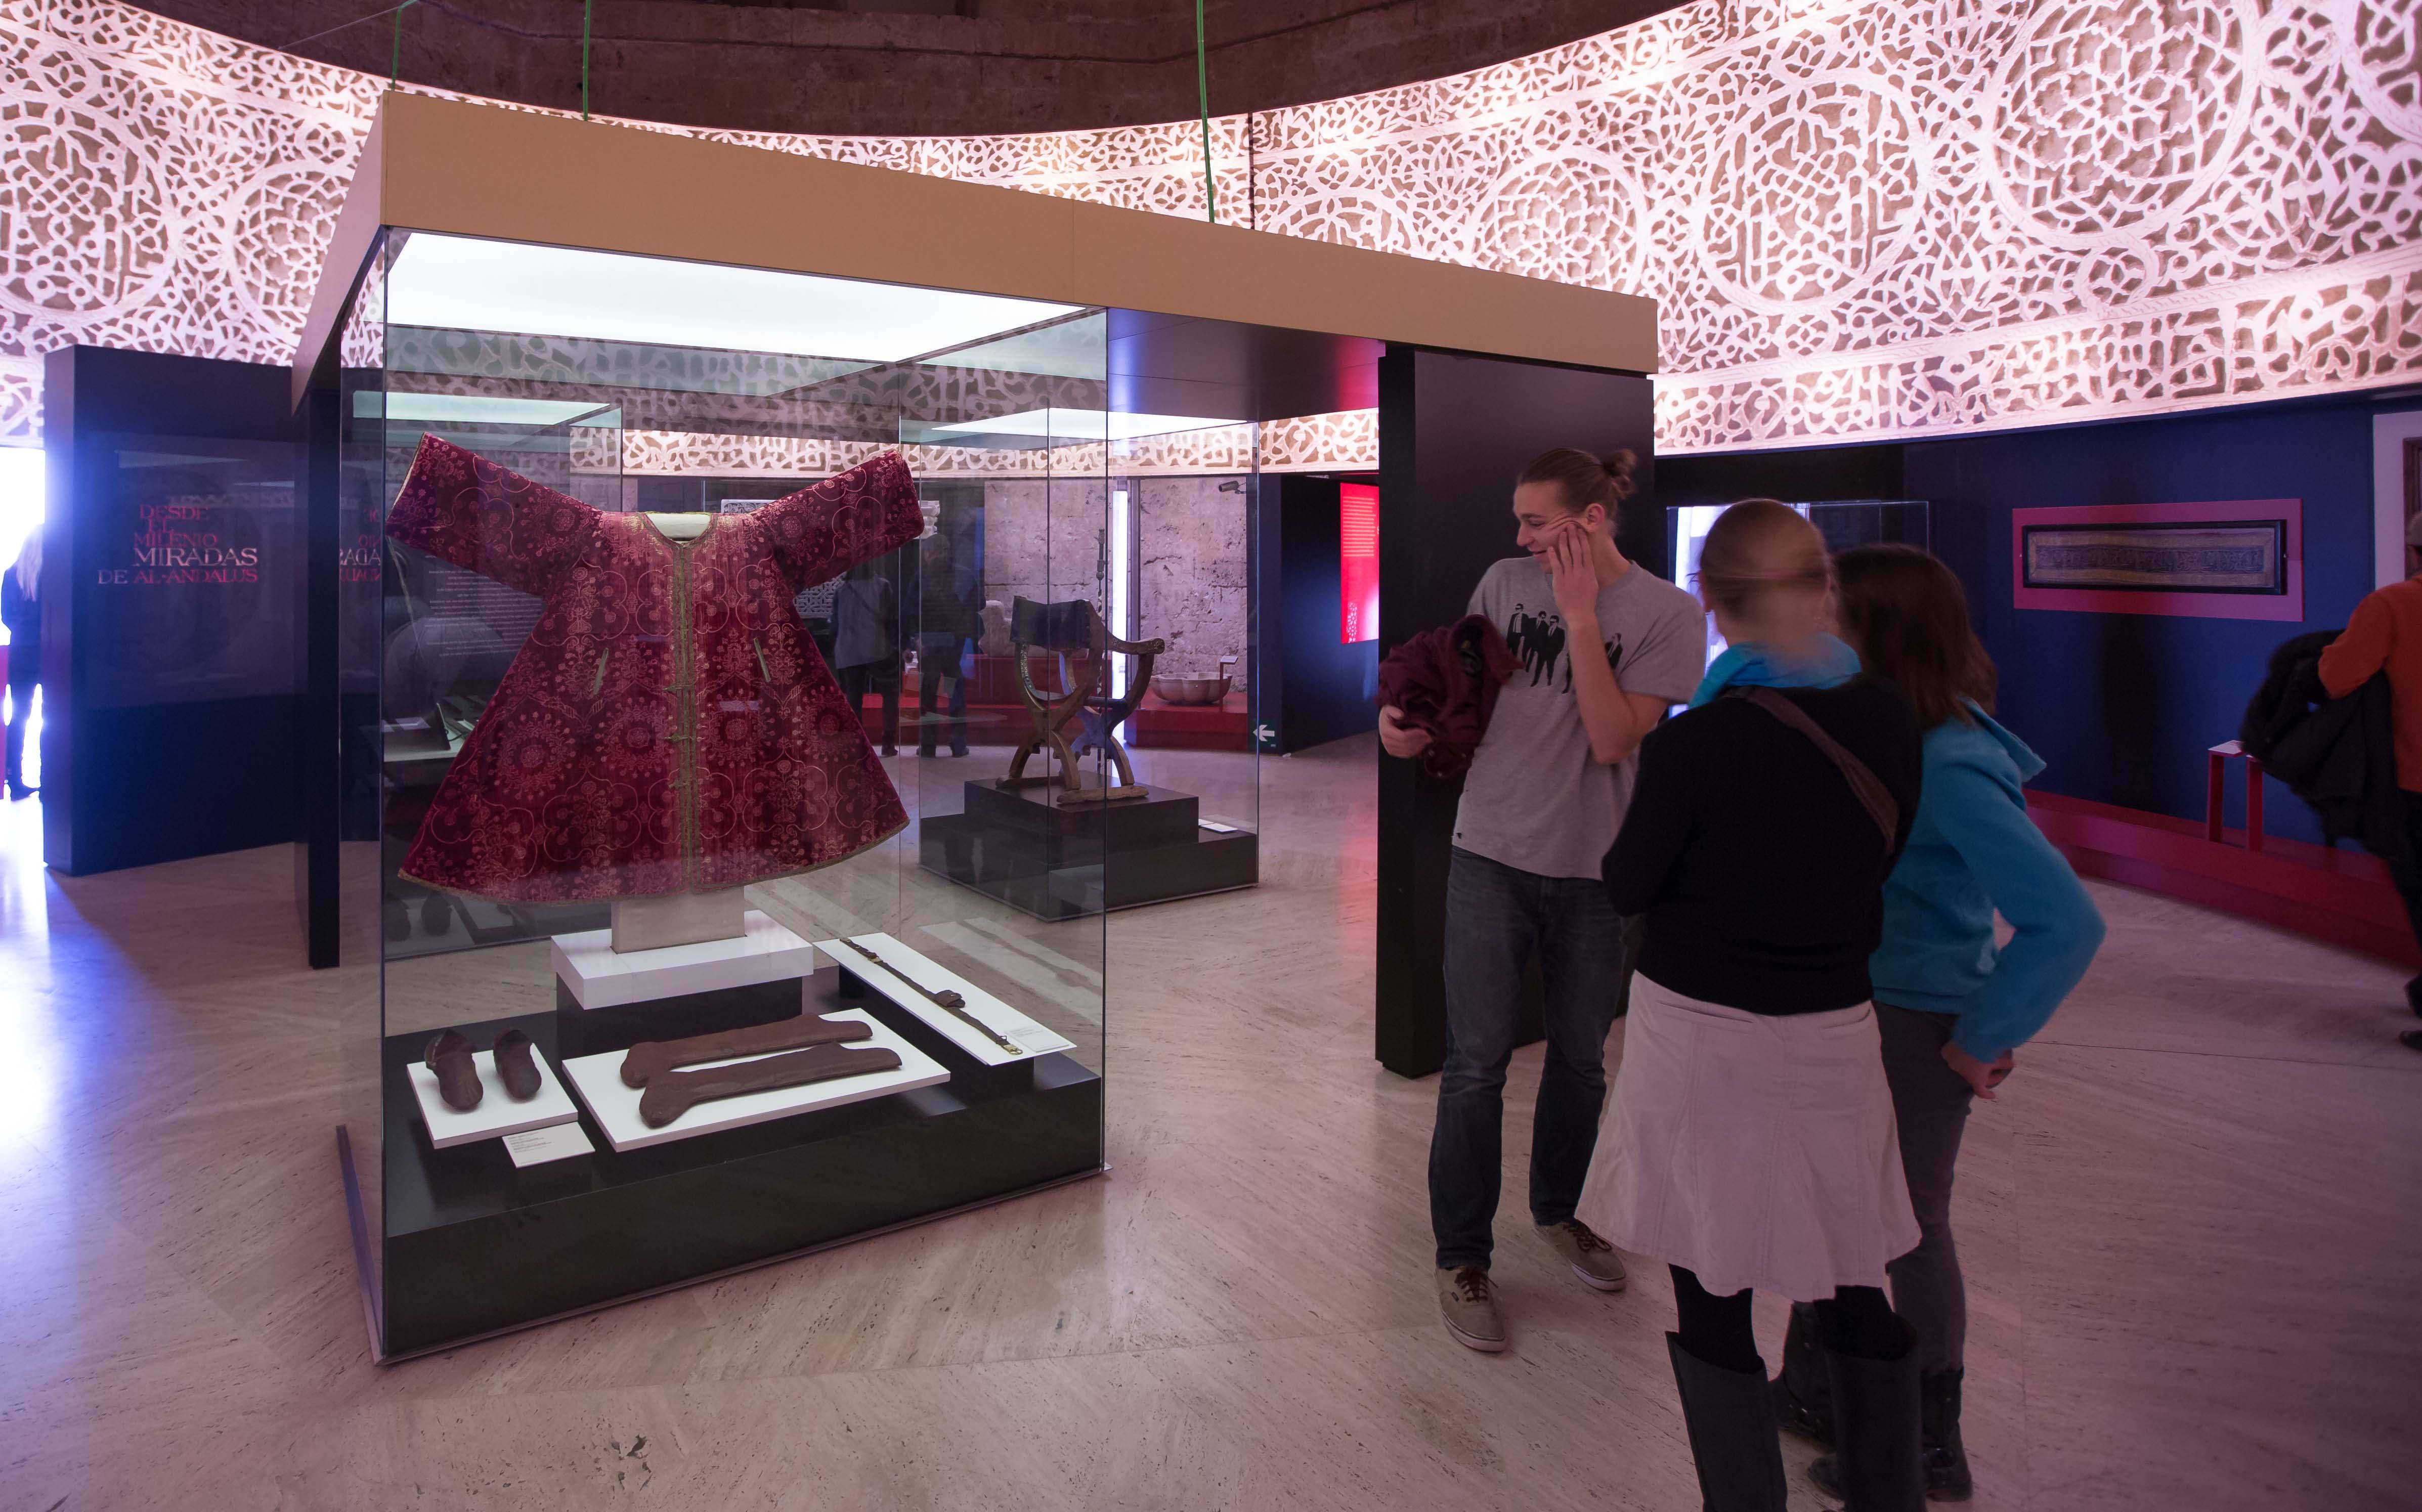 La exposición 'Arte y Culturas de al-Andalus. El poder de la Alhambra' registra más de 100.000 visitantes